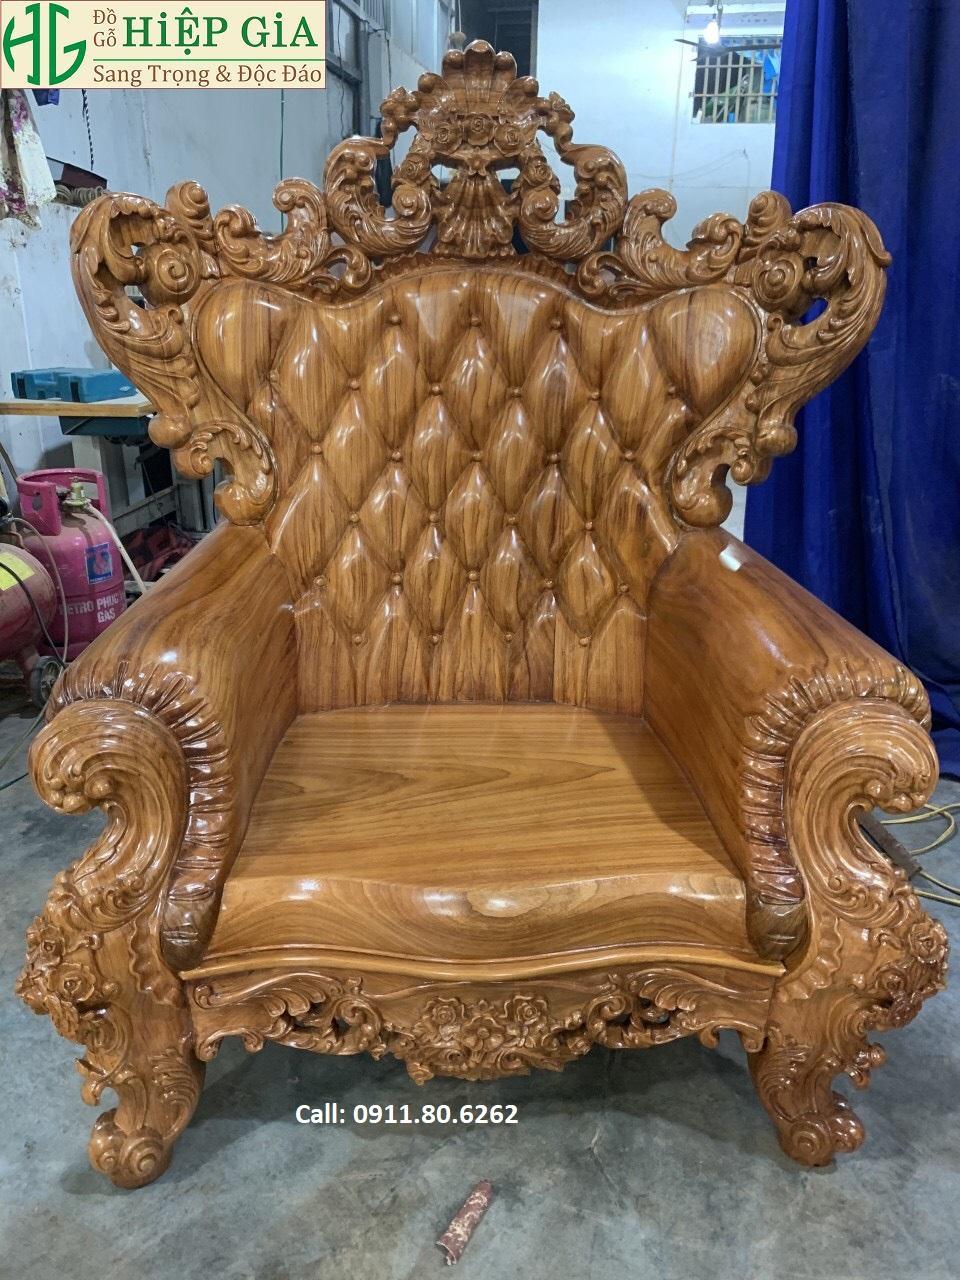 Sofa louis hoang gia 44 - Sofa Louis Hoàng Gia MS: 64